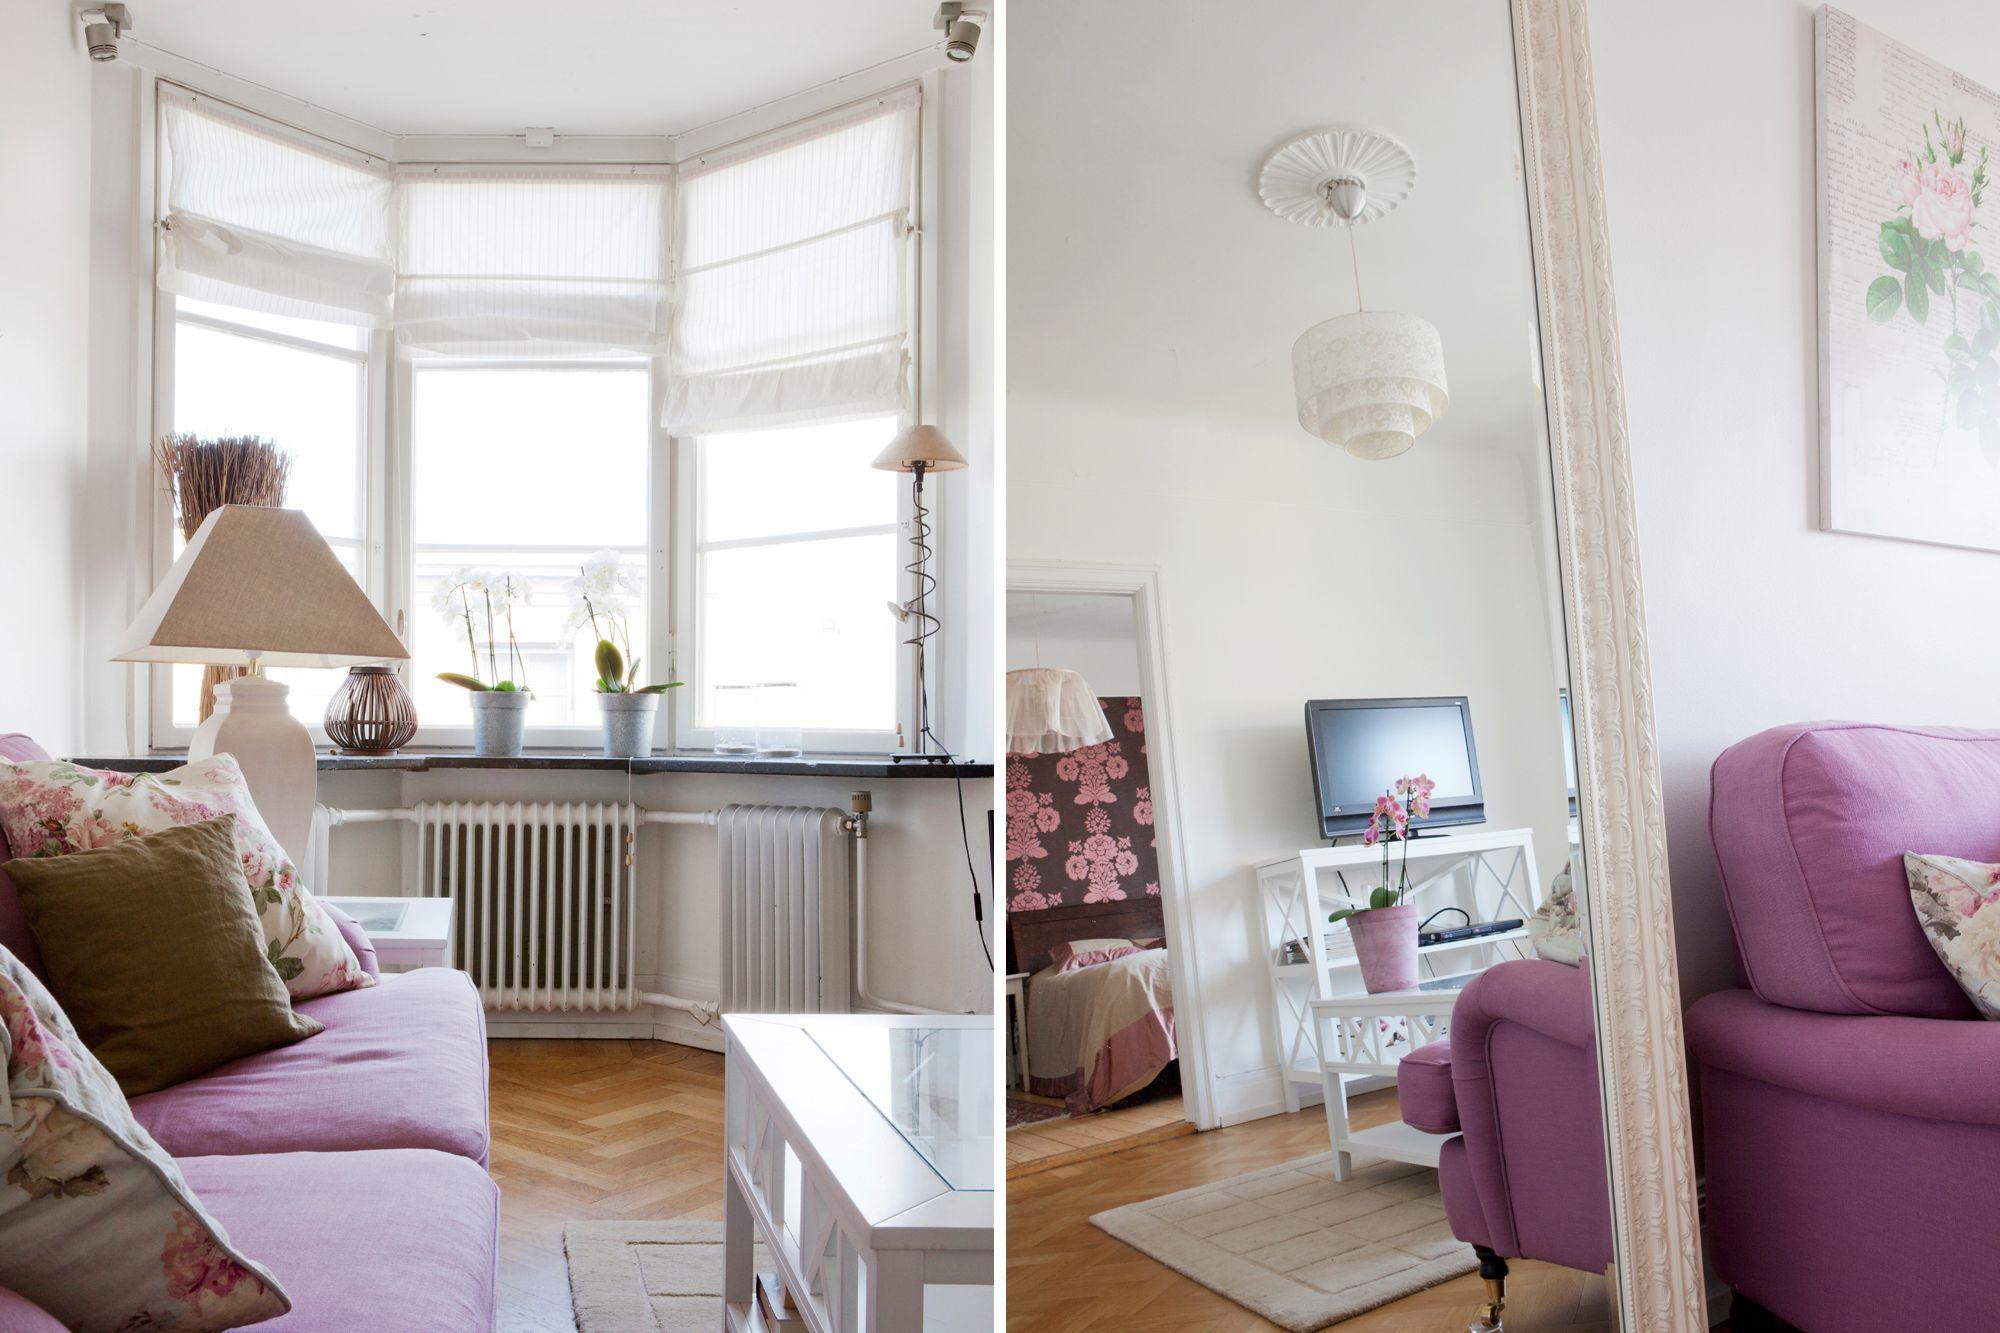 Decoración Baños Femeninos:pequeños mini pisos estilo nórdico estilo decorativo femenino